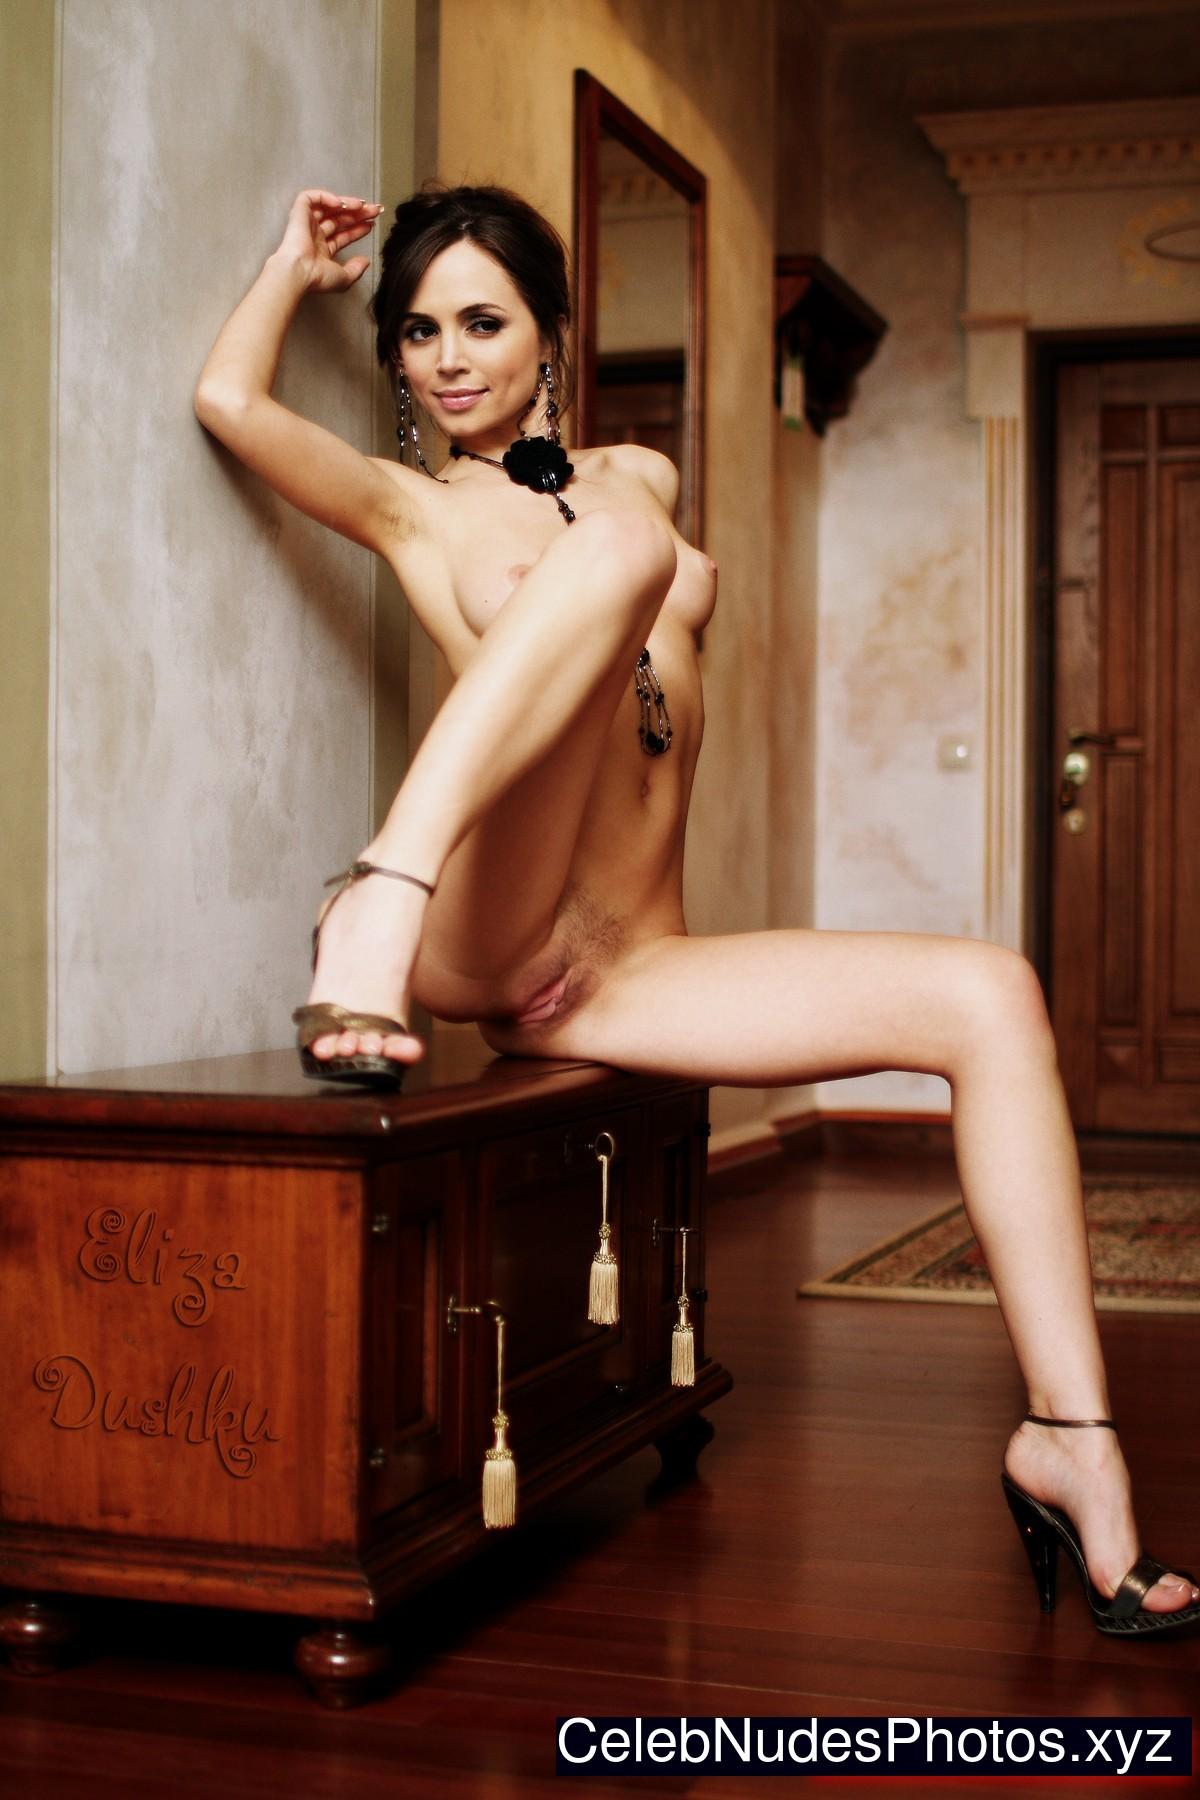 Eliza dushku nude fakes